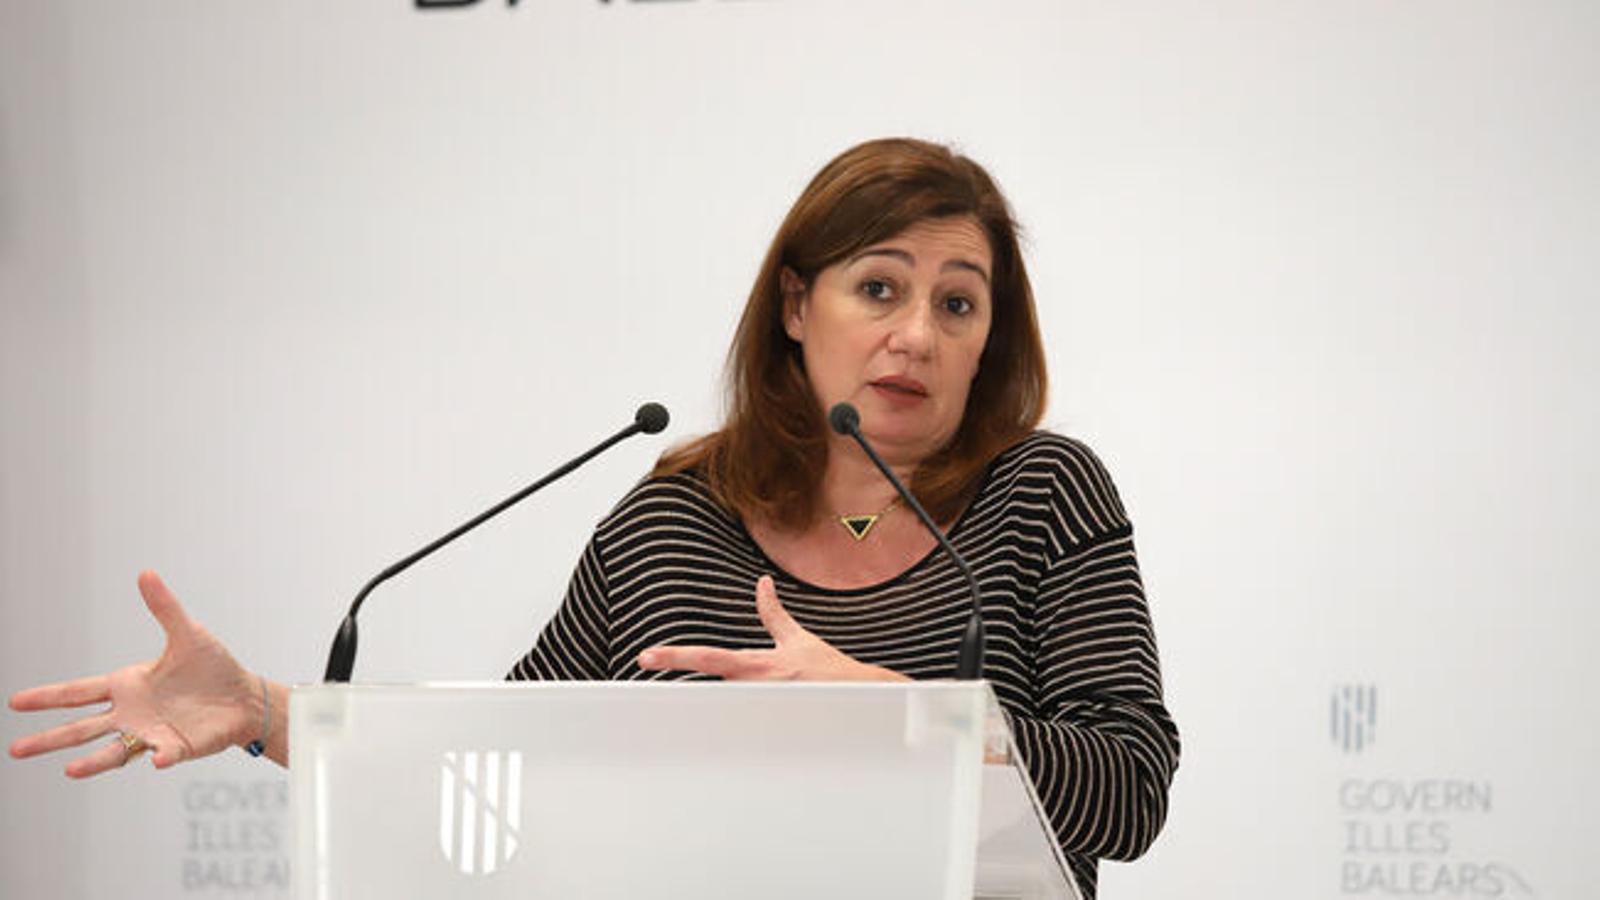 La presidenta del Govern, Francina Armengol, en una imatge d'arxiu.